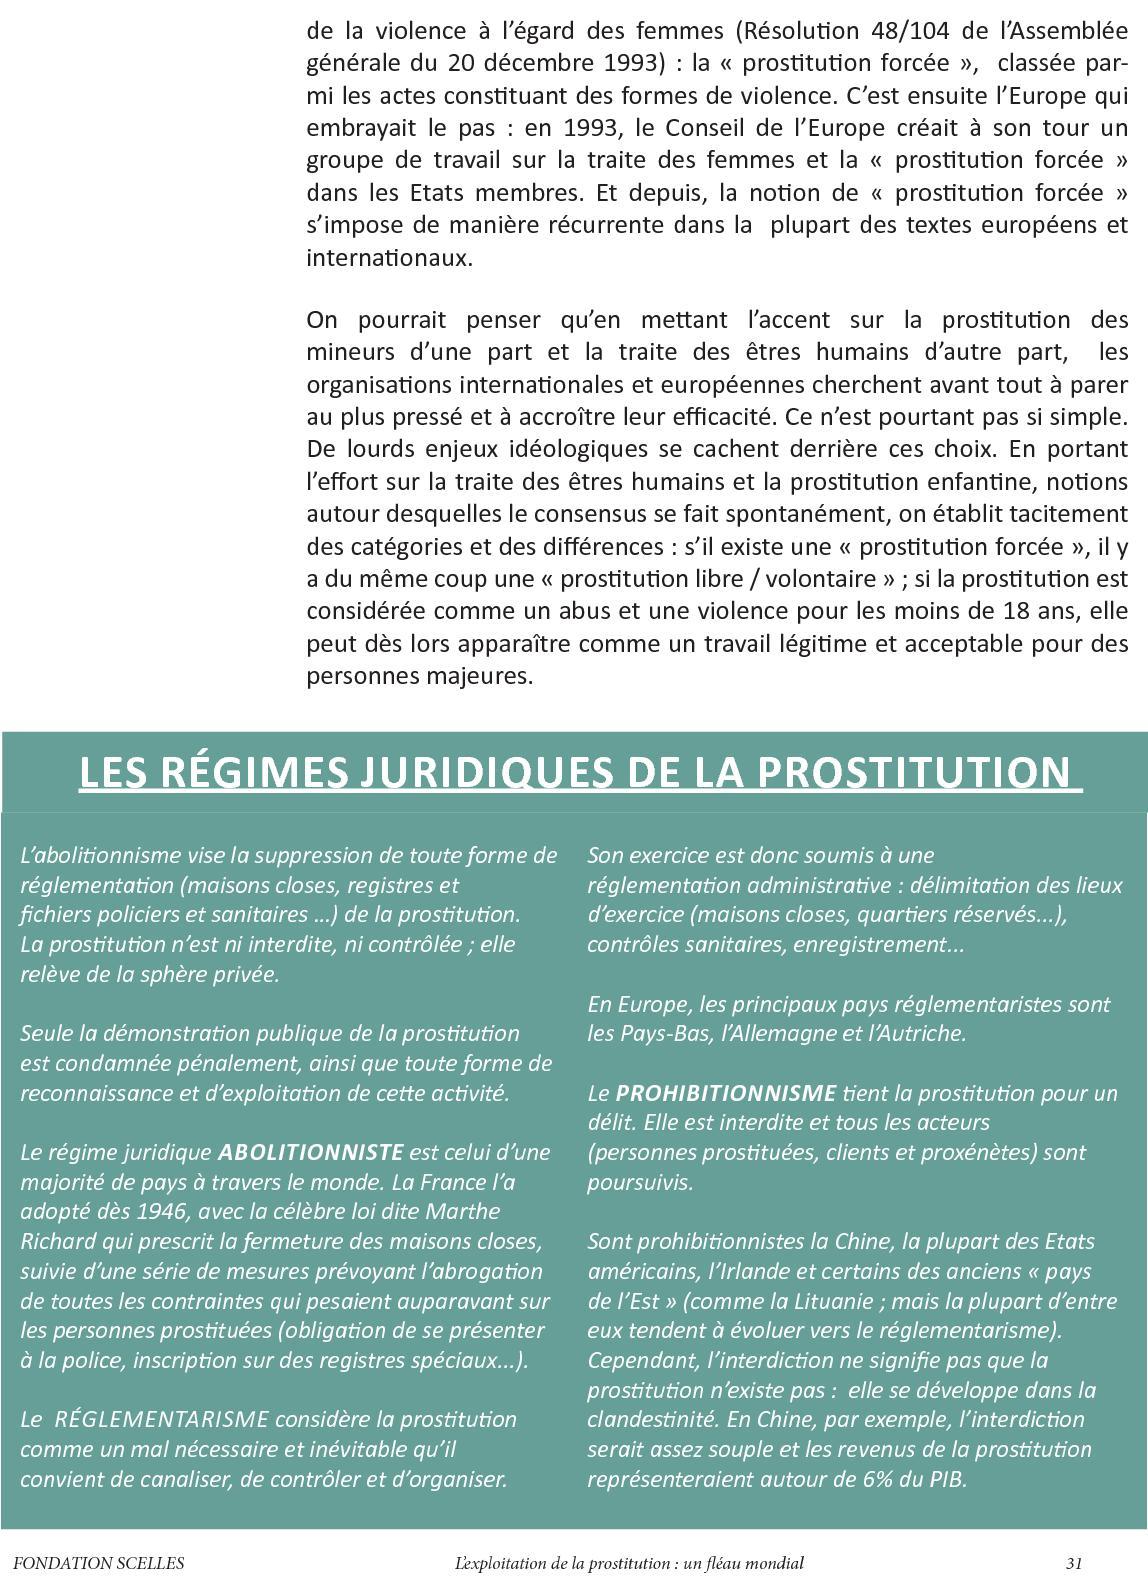 clients prostituées condamnés